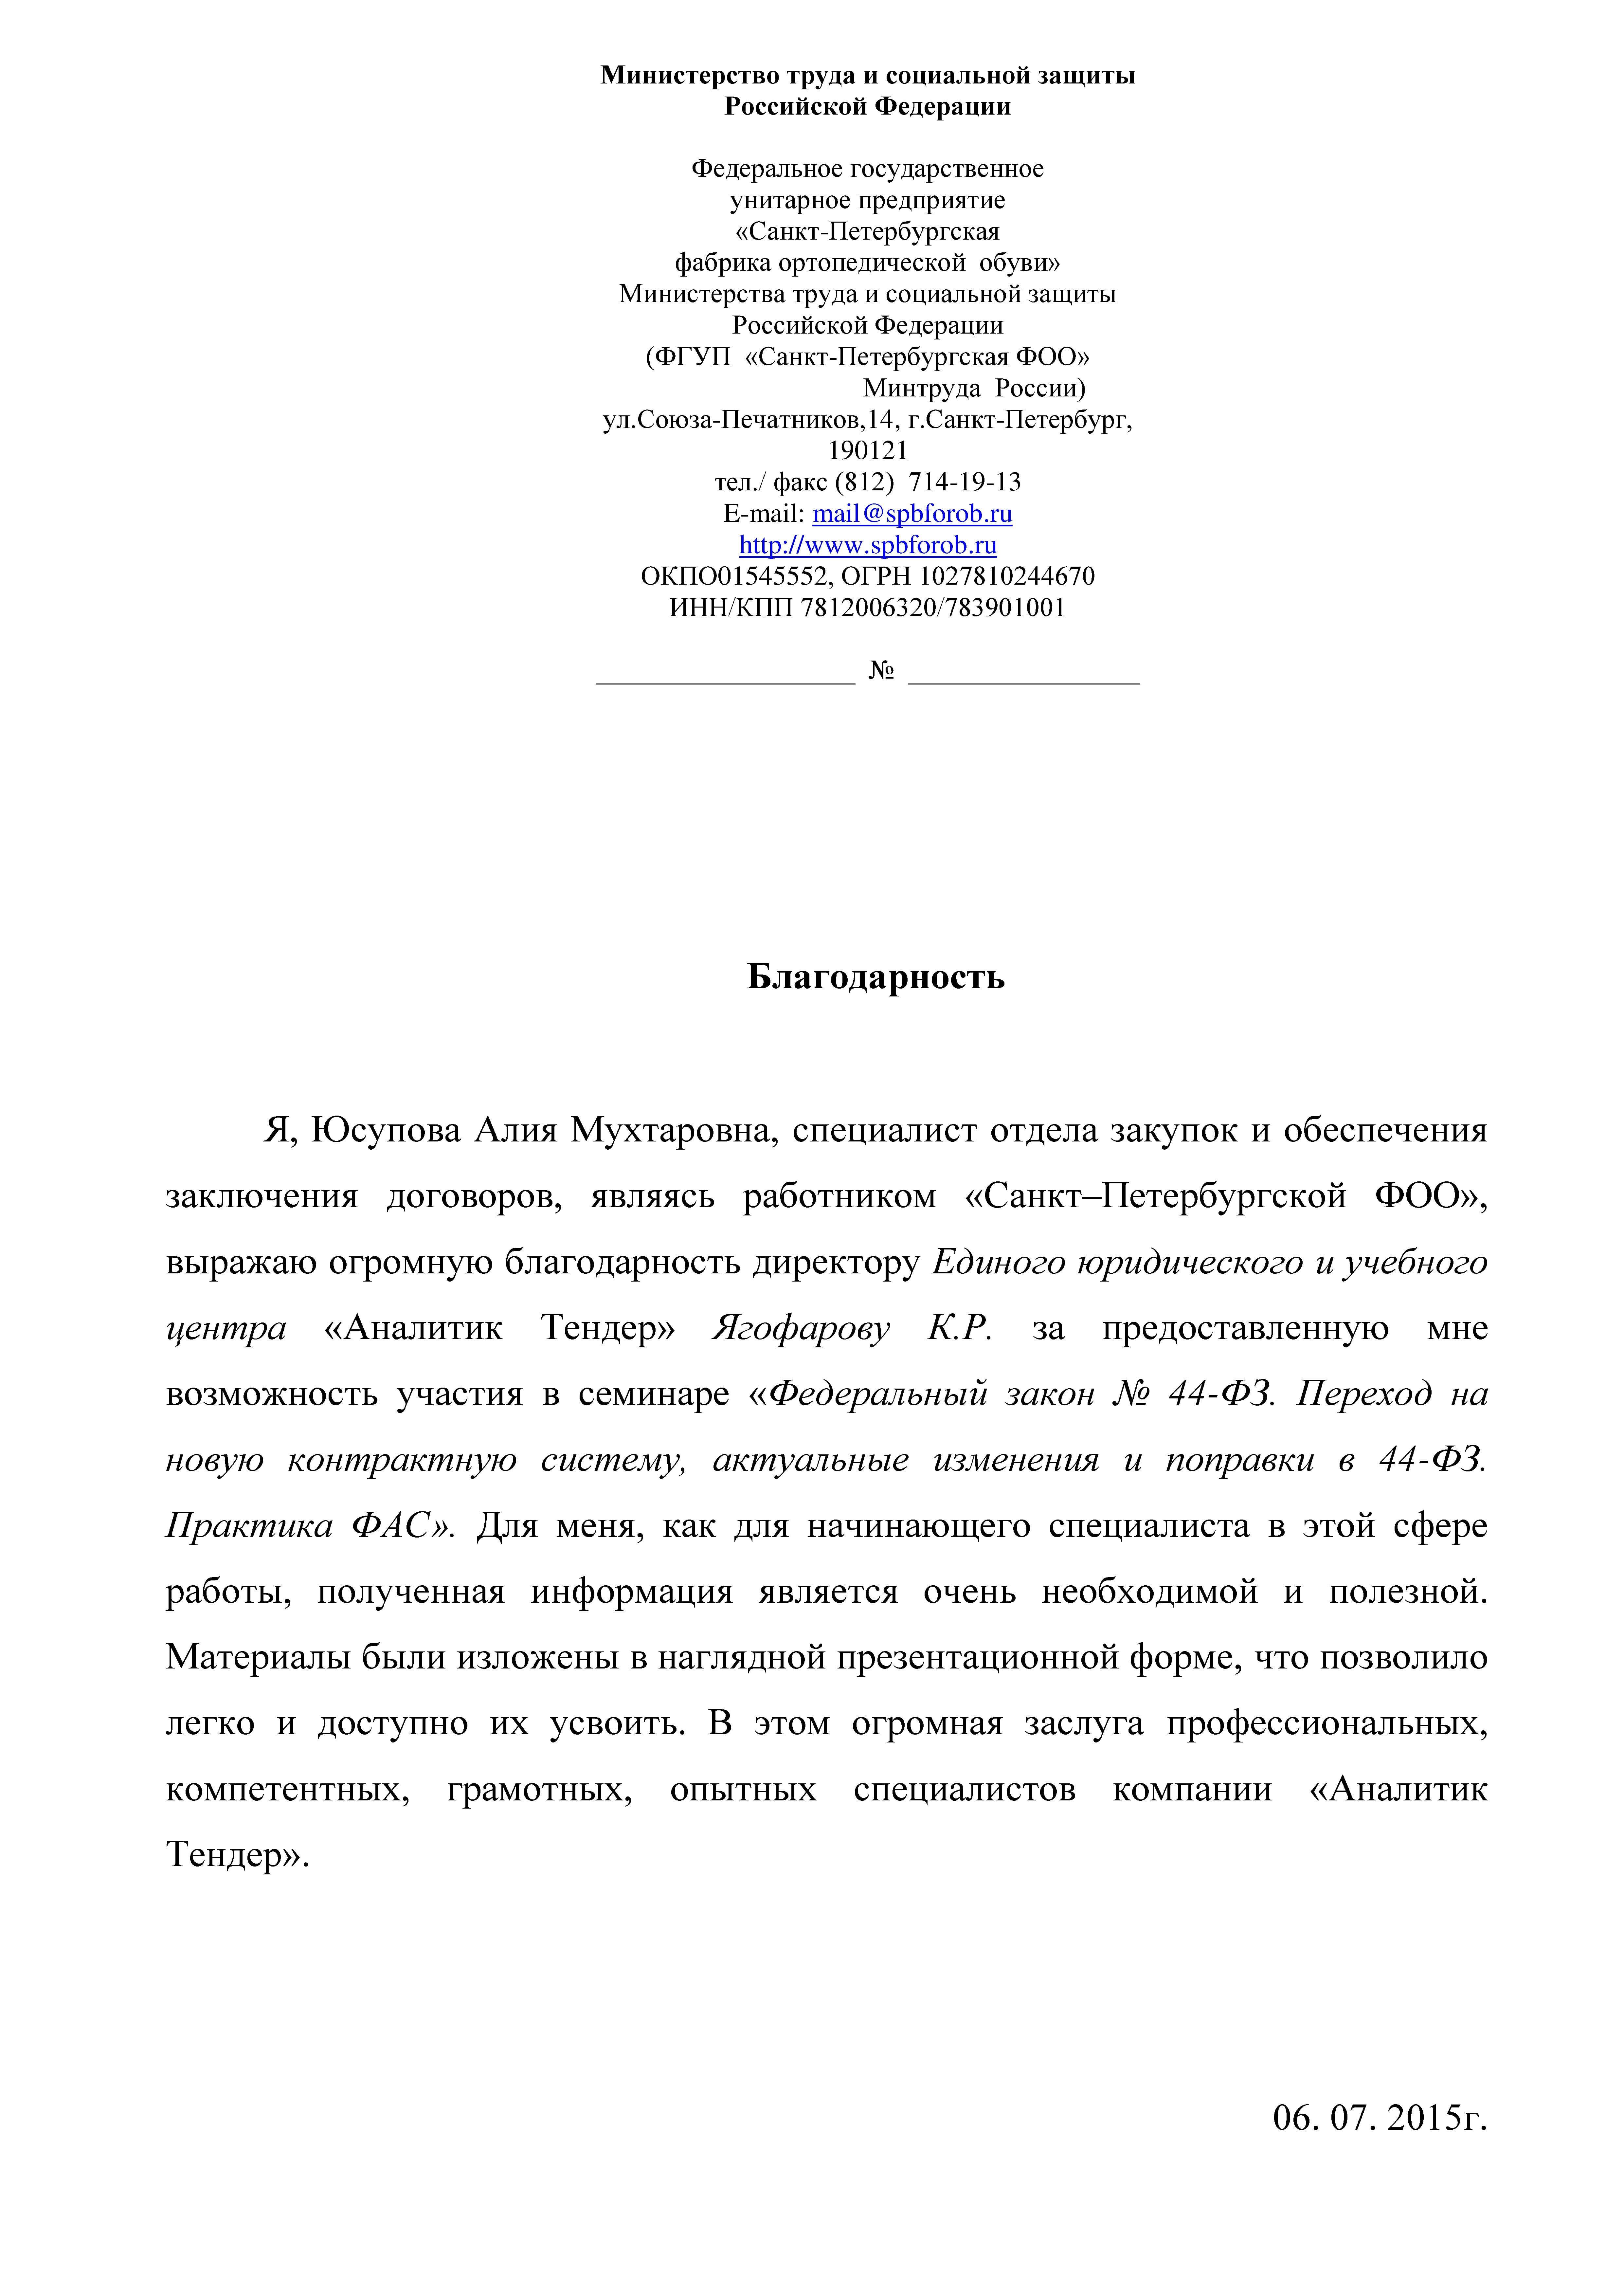 ФГУП  «Санкт-Петербургская ФОО»